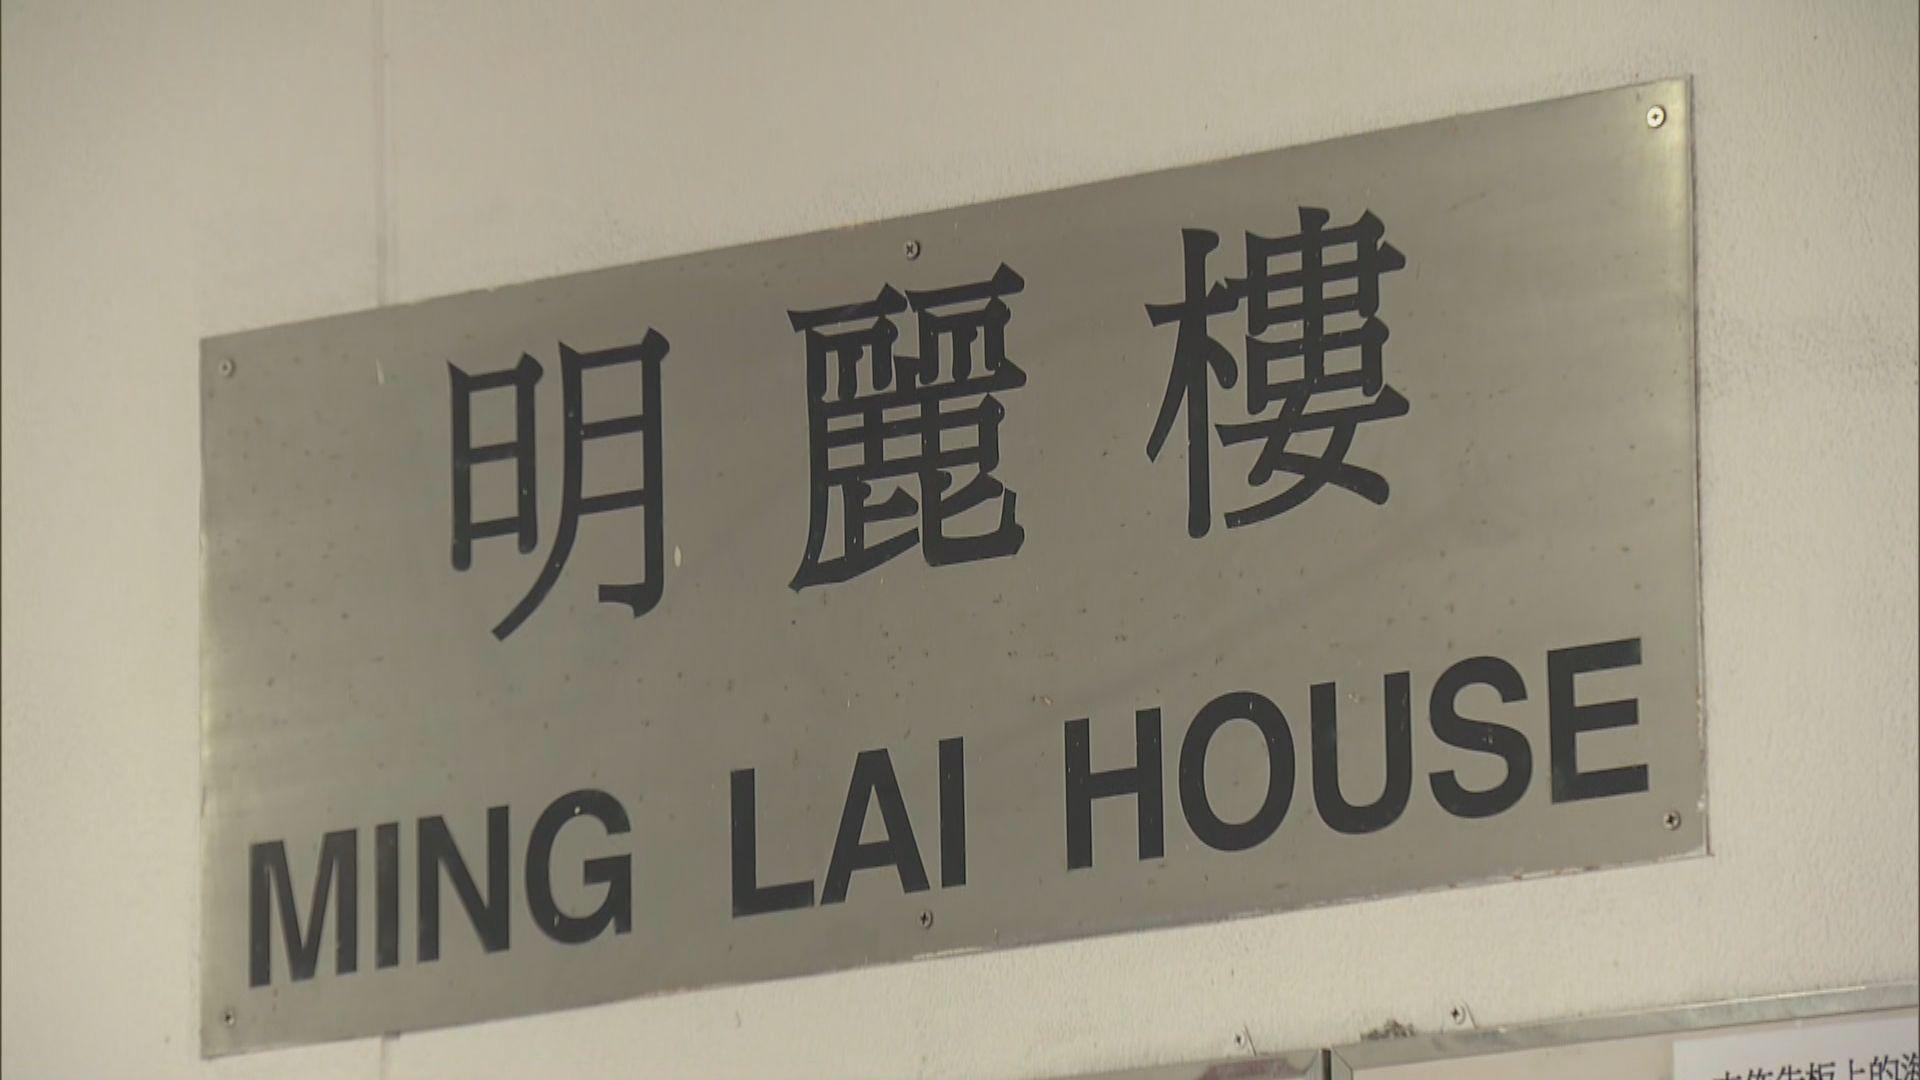 彩雲邨明麗樓同座向單位有確診個案 專家將到場視察